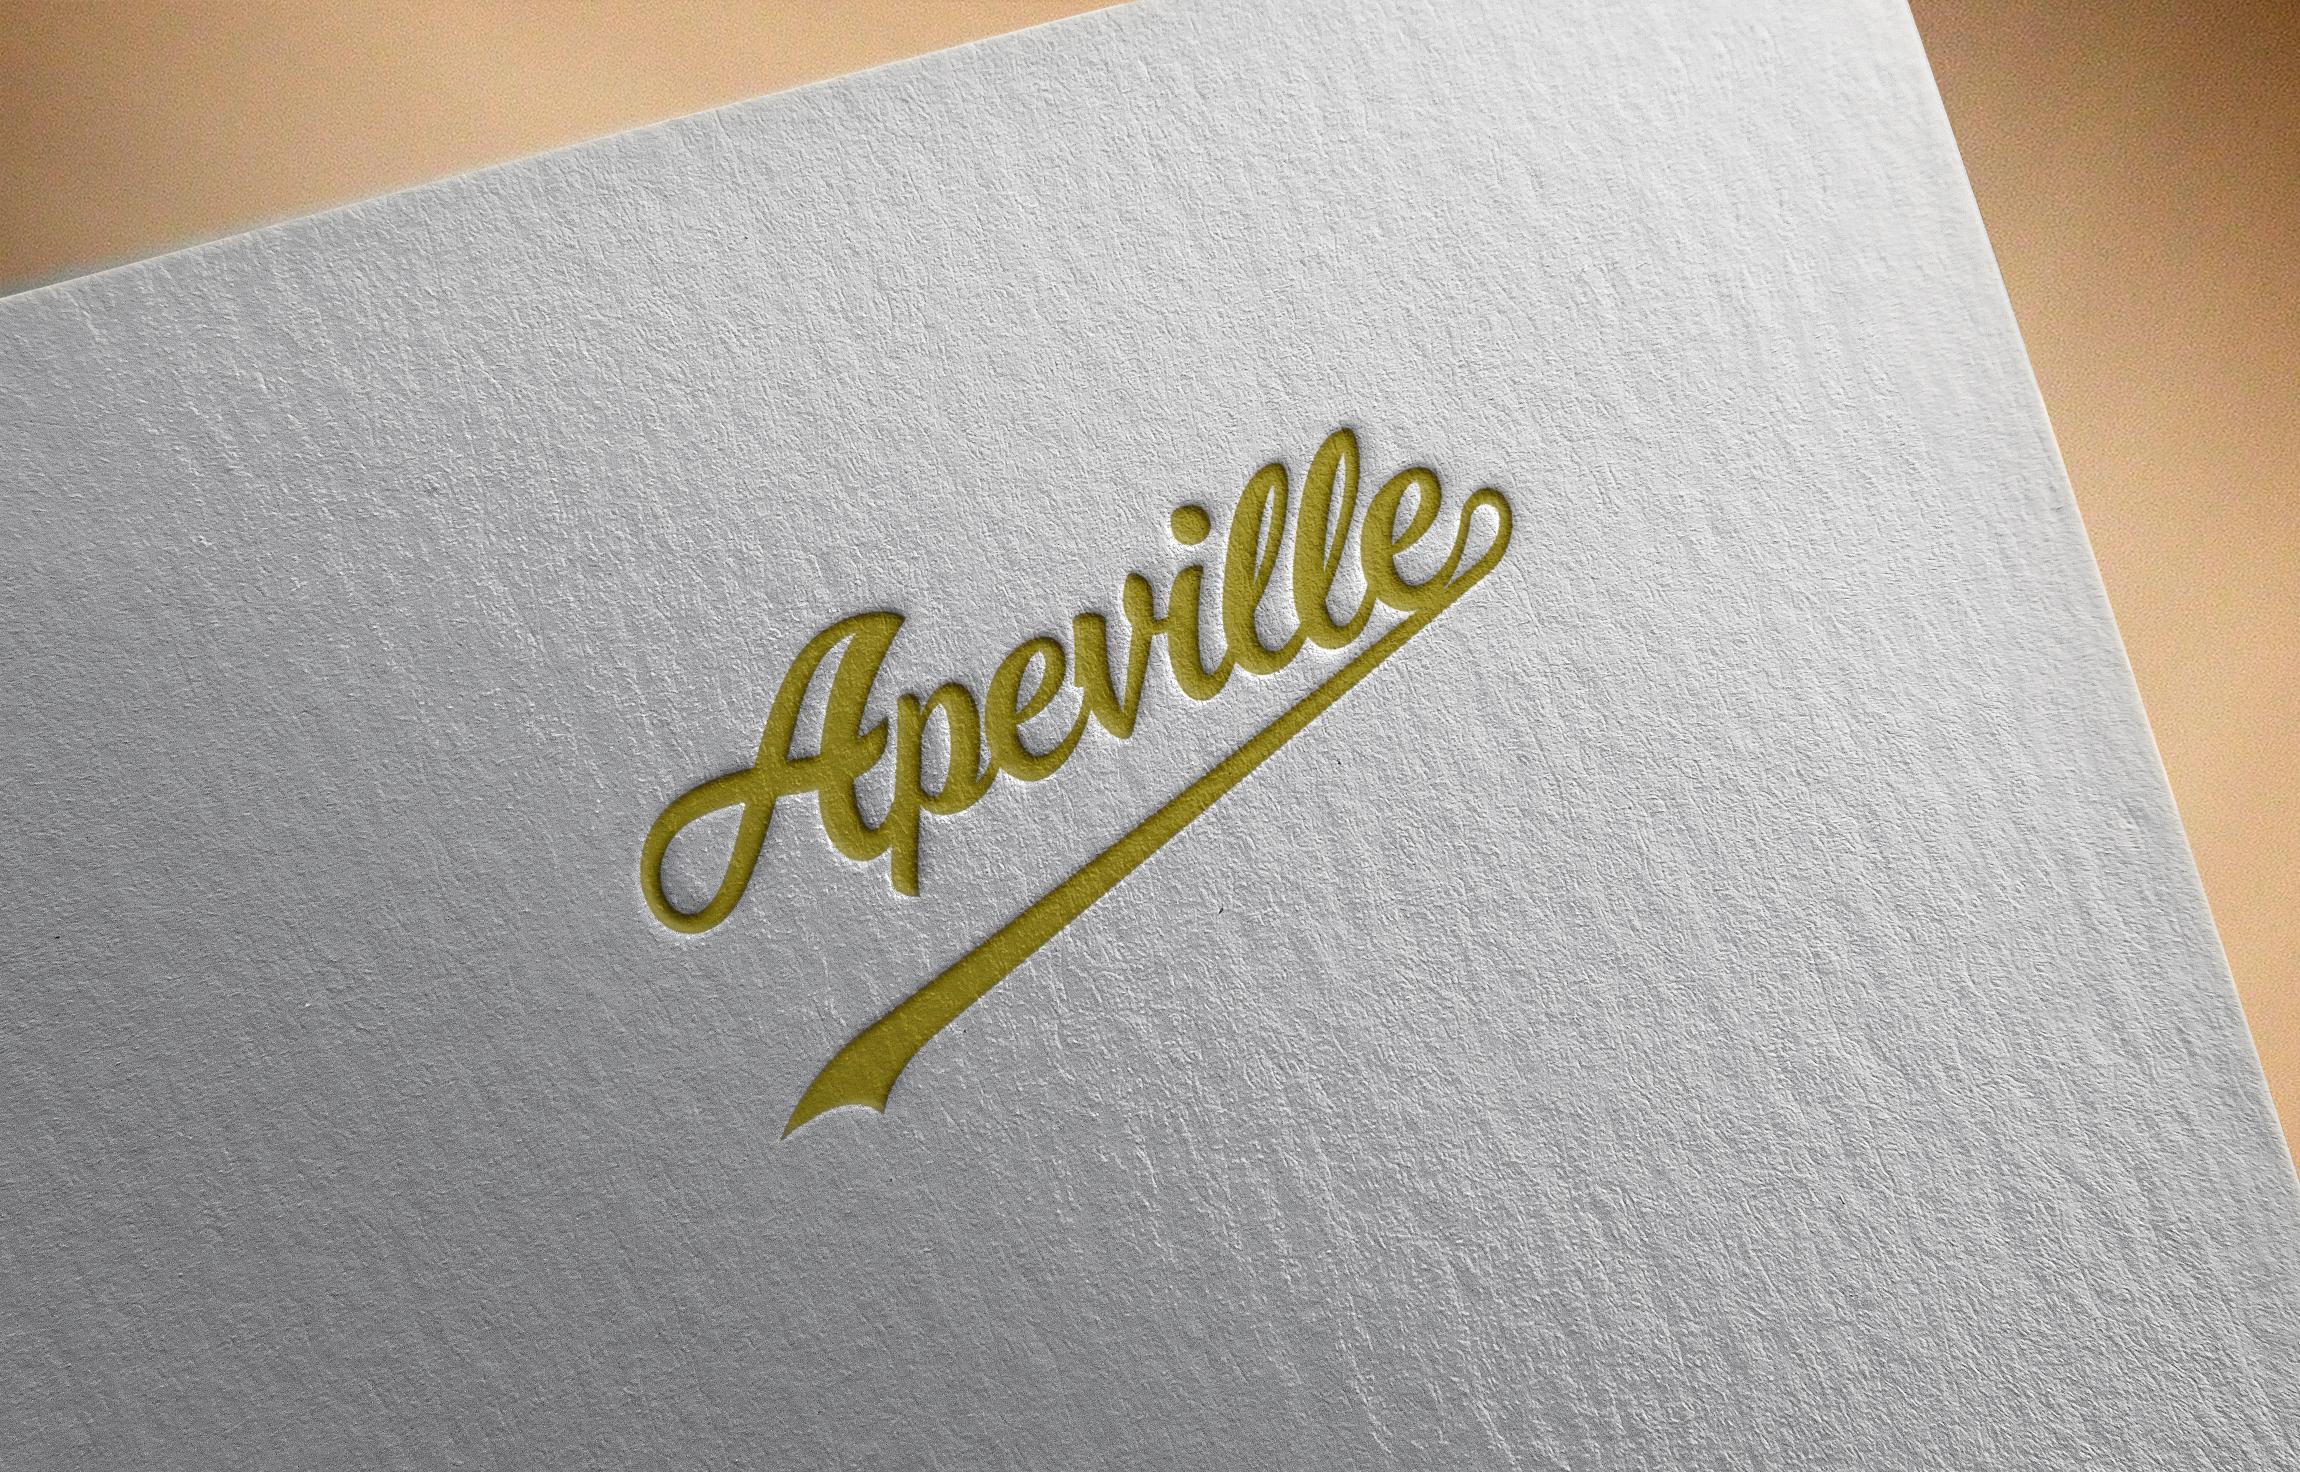 Apeville.jpg